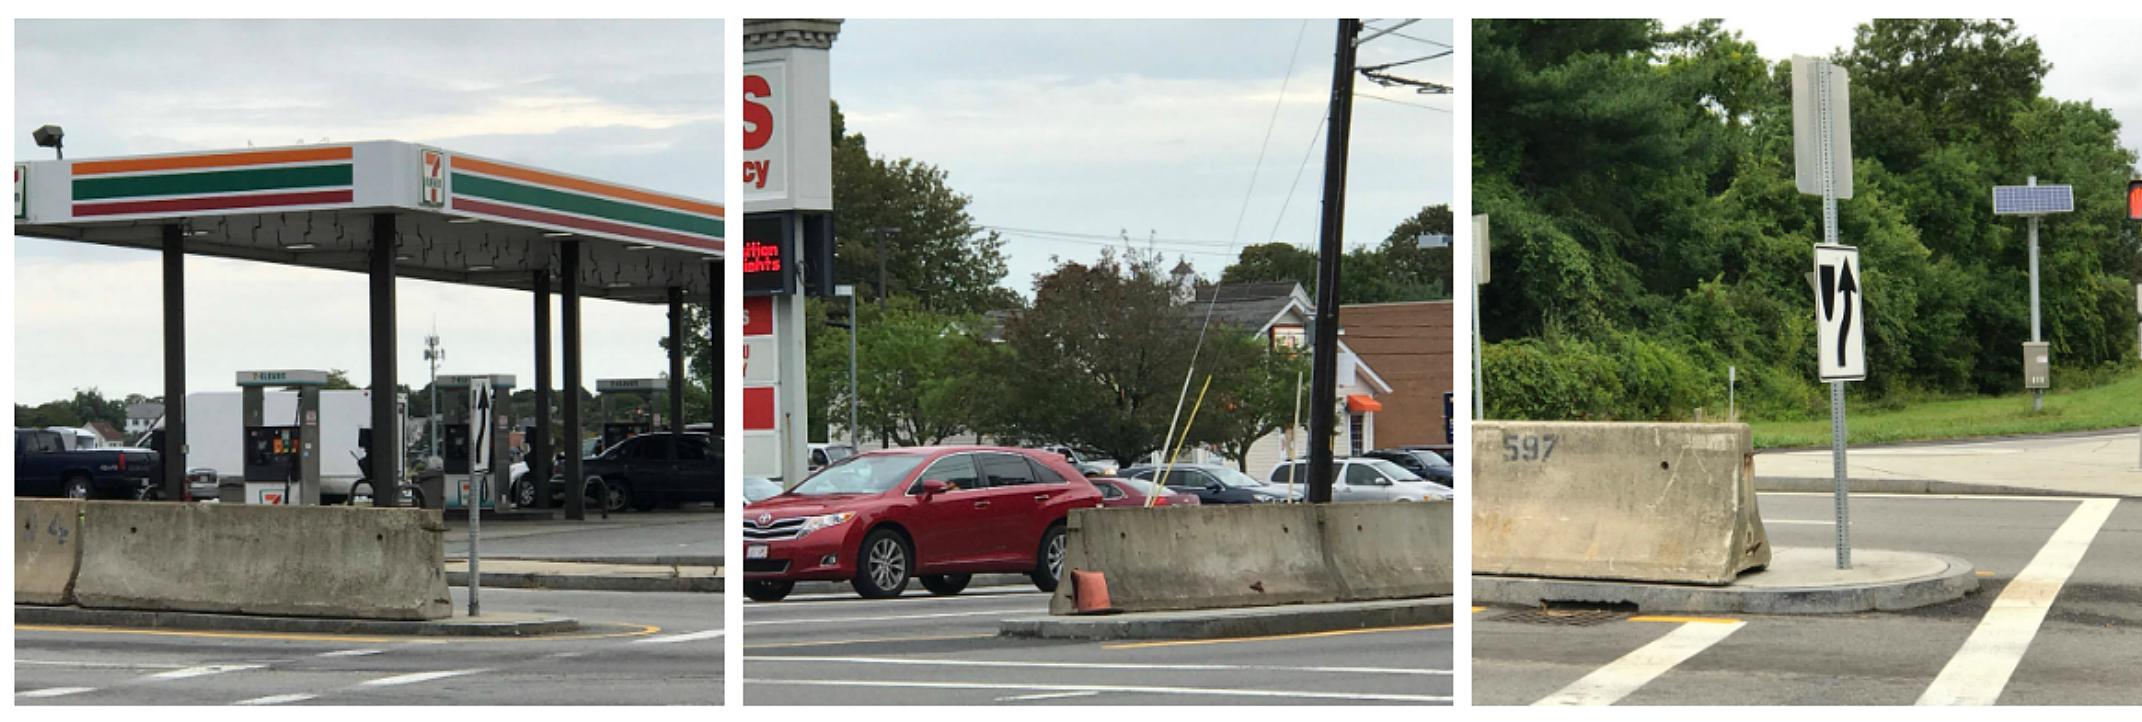 Jersey Barriers in New Bedford / TSM